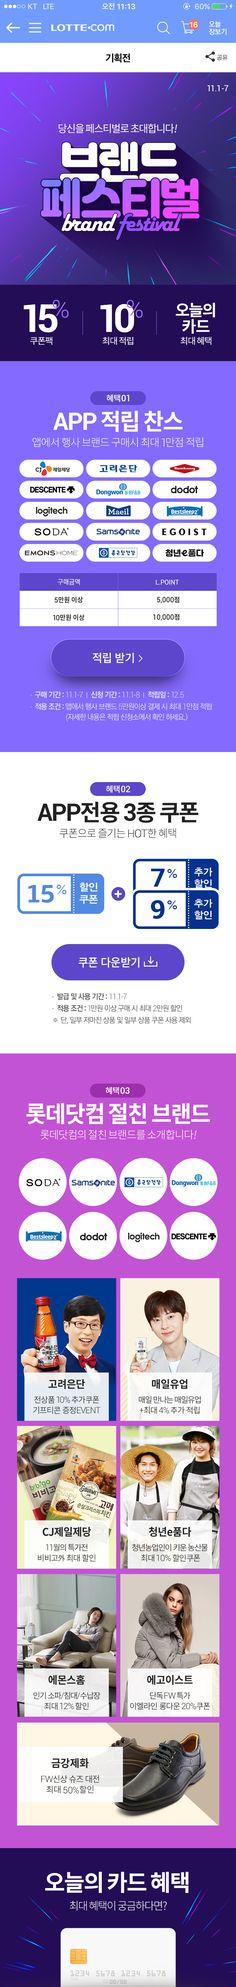 *이미지 없이 텍스트만으로 느낌낸 디자인(입체감, 그라데이션, 그림자, 요소 활용 등) Event Banner, Web Banner, Web Design, Page Design, Website Layout, Web Layout, Korea Design, Fashion Banner, Promotional Design